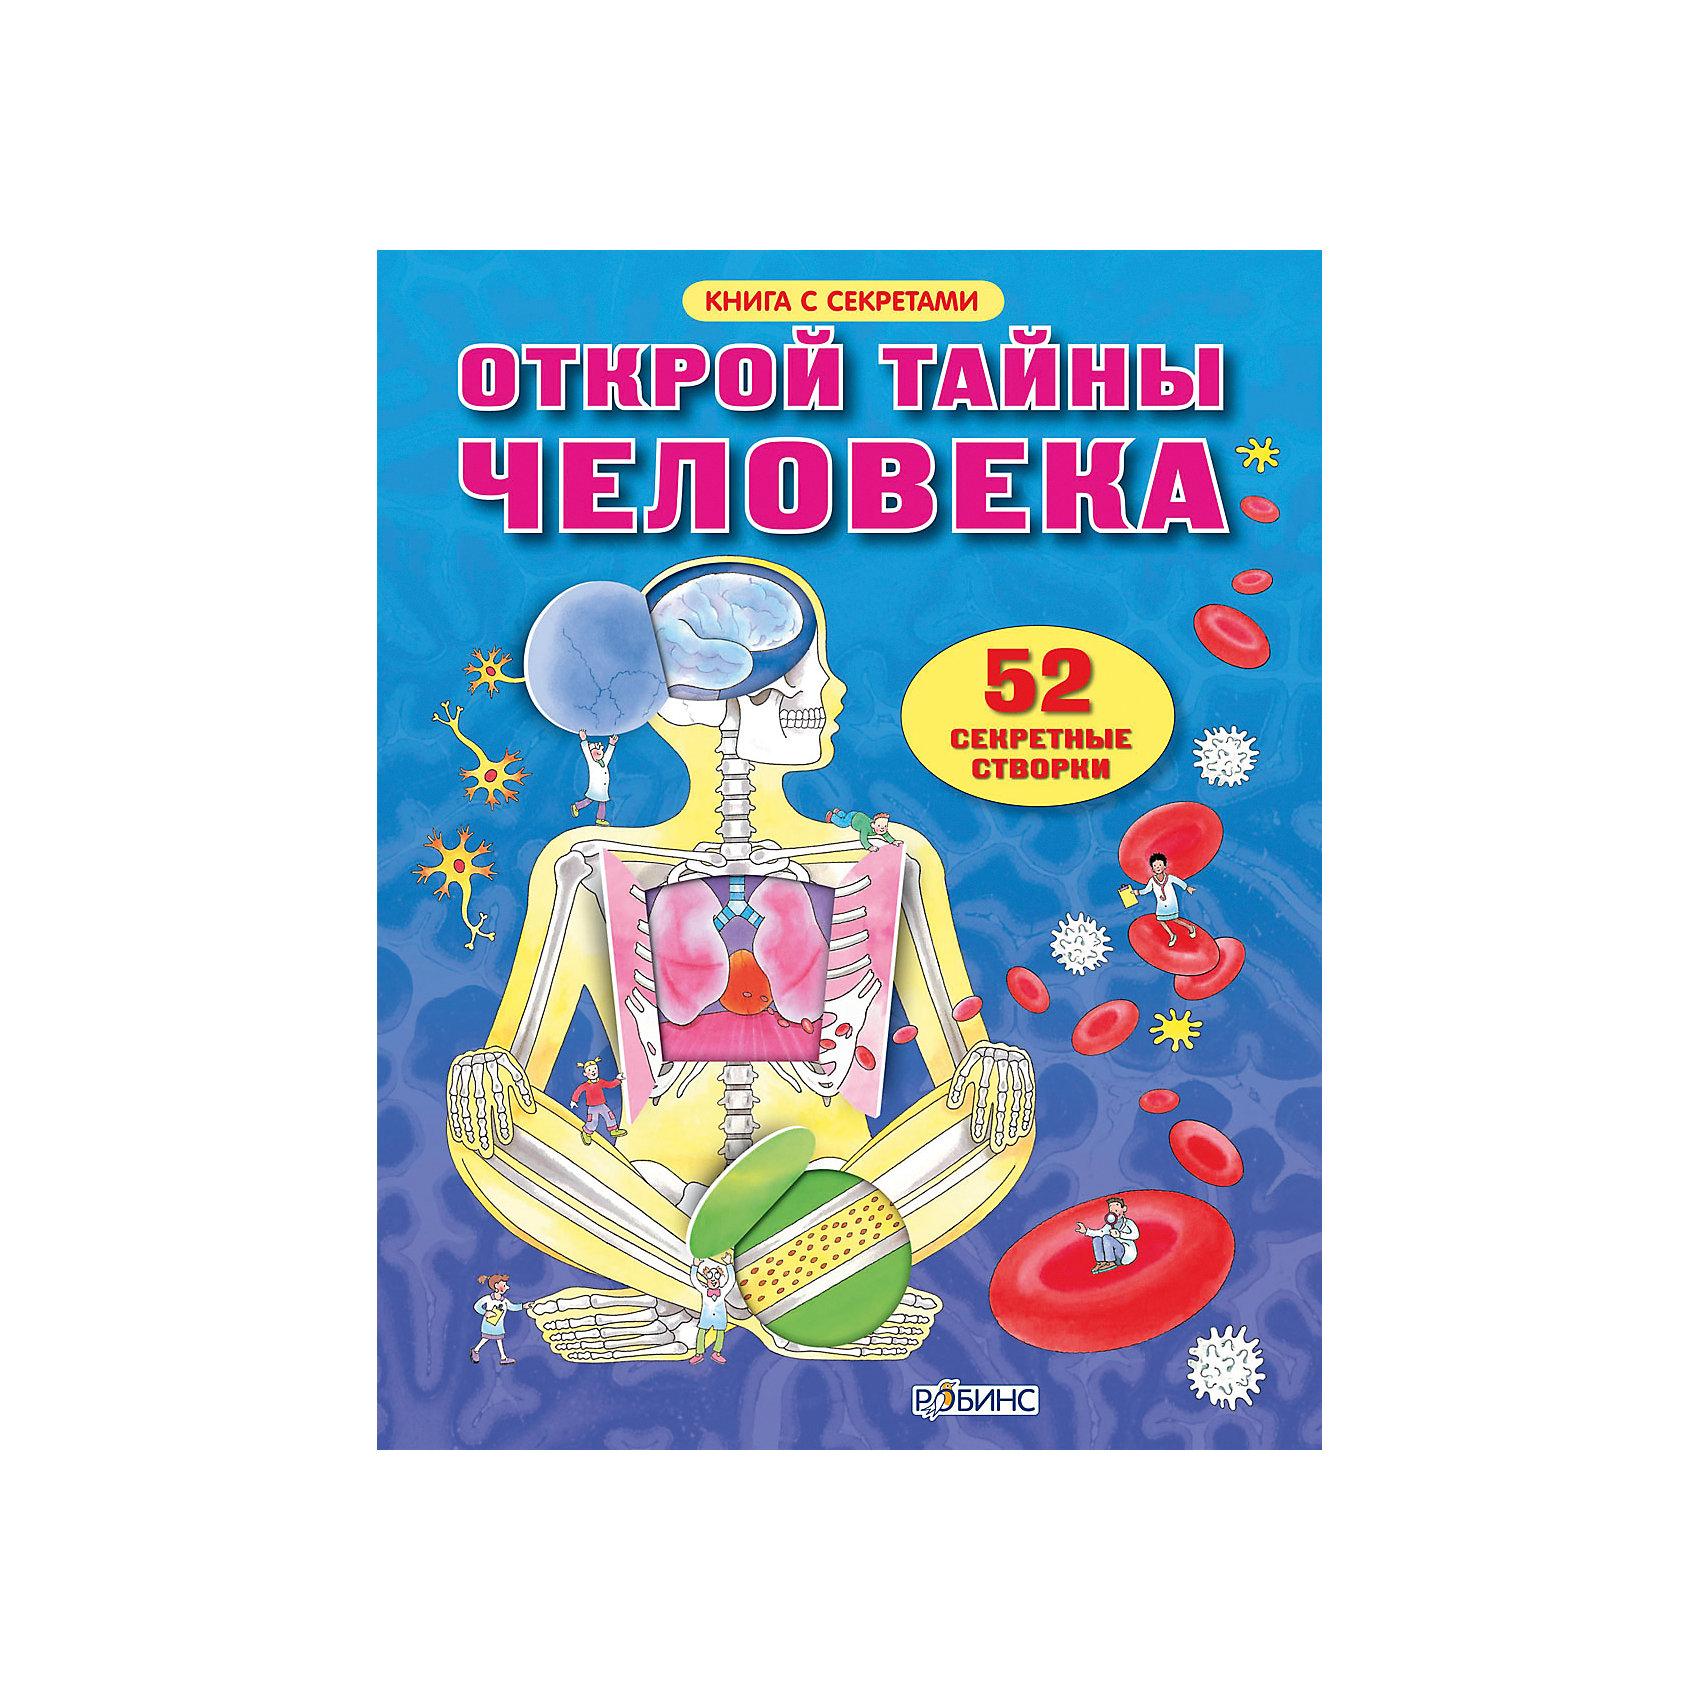 Книга с секретами Открой тайны человекаКниги для мальчиков<br>Книга с секретами Открой тайны человека – это книга для любознательных детей и их родителей!<br>Человеческое тело — очень интересный «механизм»! Хочешь узнать, как путешествует пища внутри твоего организма? Как работают сердце, легкие, и на что способен твой мозг? Секретные створки помогут тебе разобраться во всех тонкостях строения и работы организма человека. Соверши путешествие в удивительный и увлекательный мир анатомии человеческого тела с помощью этой книги! Книга написана очень доступным языком, все фотографии уникальны (сделаны с помощью микроскопа, а затем обработаны художником-фотографом). В книге 52 секретных створок, за каждой из которых интересная и познавательная информация. Страницы книги изготовлены из толстого картона, поэтому она не деформируется при многократном использовании.<br><br>Дополнительная информация:<br><br>- Разделы книги: Удивительное тело;  Питание и пищеварение;  Дыхание;  Кровообращение;  Кости и мышцы;  Головной мозг;  Органы чувств;  Водный баланс;  Анатомический словарик<br>- Авторы: Дейниз К., Кинг К.<br>- Серия: Книга с секретами<br>- Издательство: Робинс<br>- Переплет: твердый переплет. плотная бумага или картон<br>- Оформление: частичная лакировка, вырубка, подвижные элементы<br>- Иллюстрации: цветные<br>- Количество страниц: 14 (картон)<br>- Размер: 280 х 220 х 25 мм.<br>- Вес: 713 гр.<br><br>Книга с секретами Открой тайны человека можно купить в нашем интернет-магазине.<br><br>Ширина мм: 280<br>Глубина мм: 220<br>Высота мм: 25<br>Вес г: 781<br>Возраст от месяцев: 36<br>Возраст до месяцев: 96<br>Пол: Унисекс<br>Возраст: Детский<br>SKU: 4050235